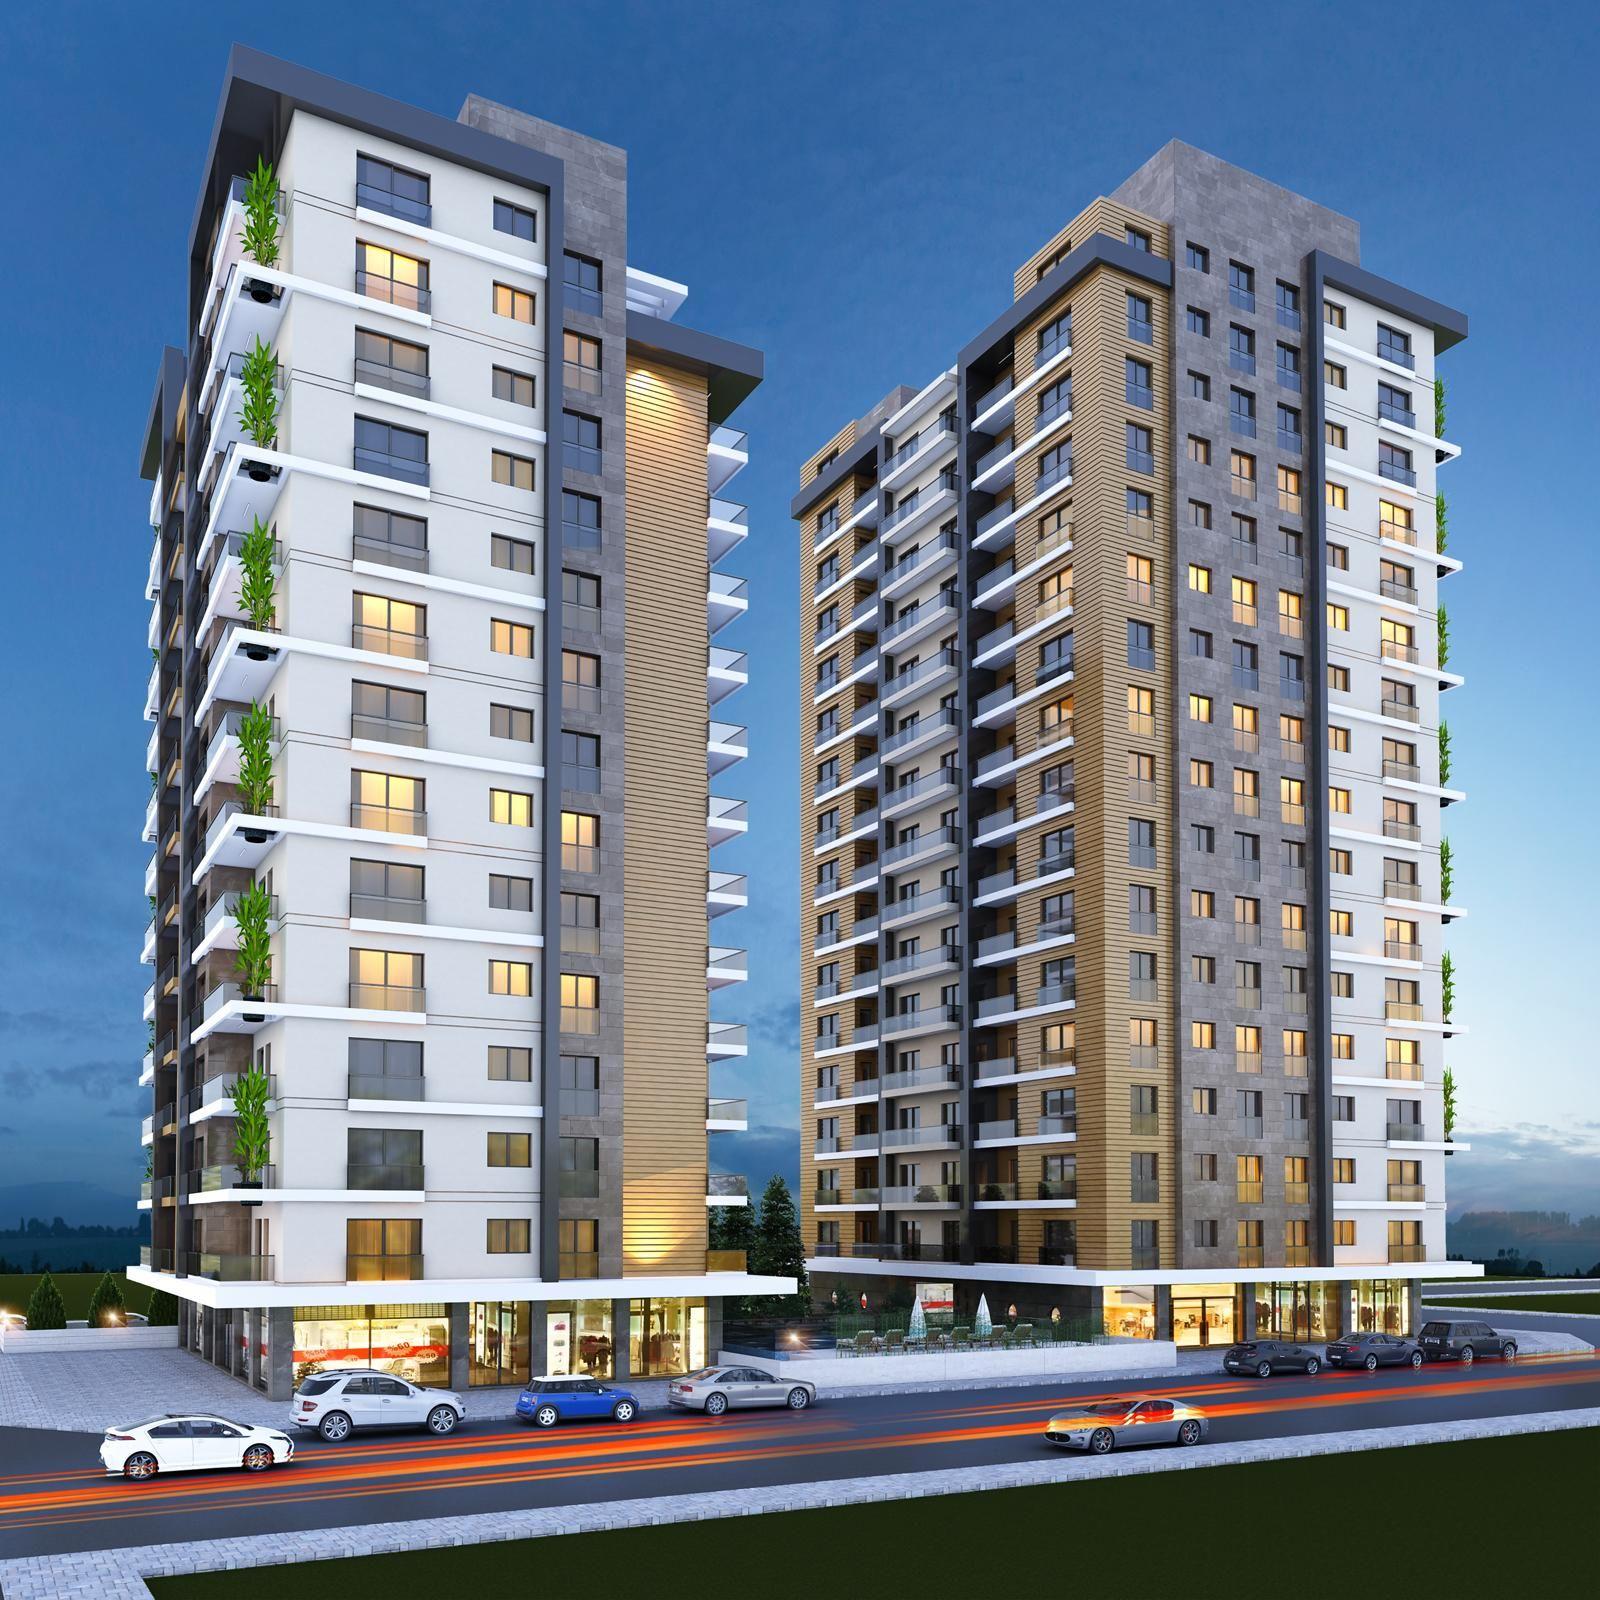 #mimarlık #mimari #dış #cephe #tasarım #3d #building